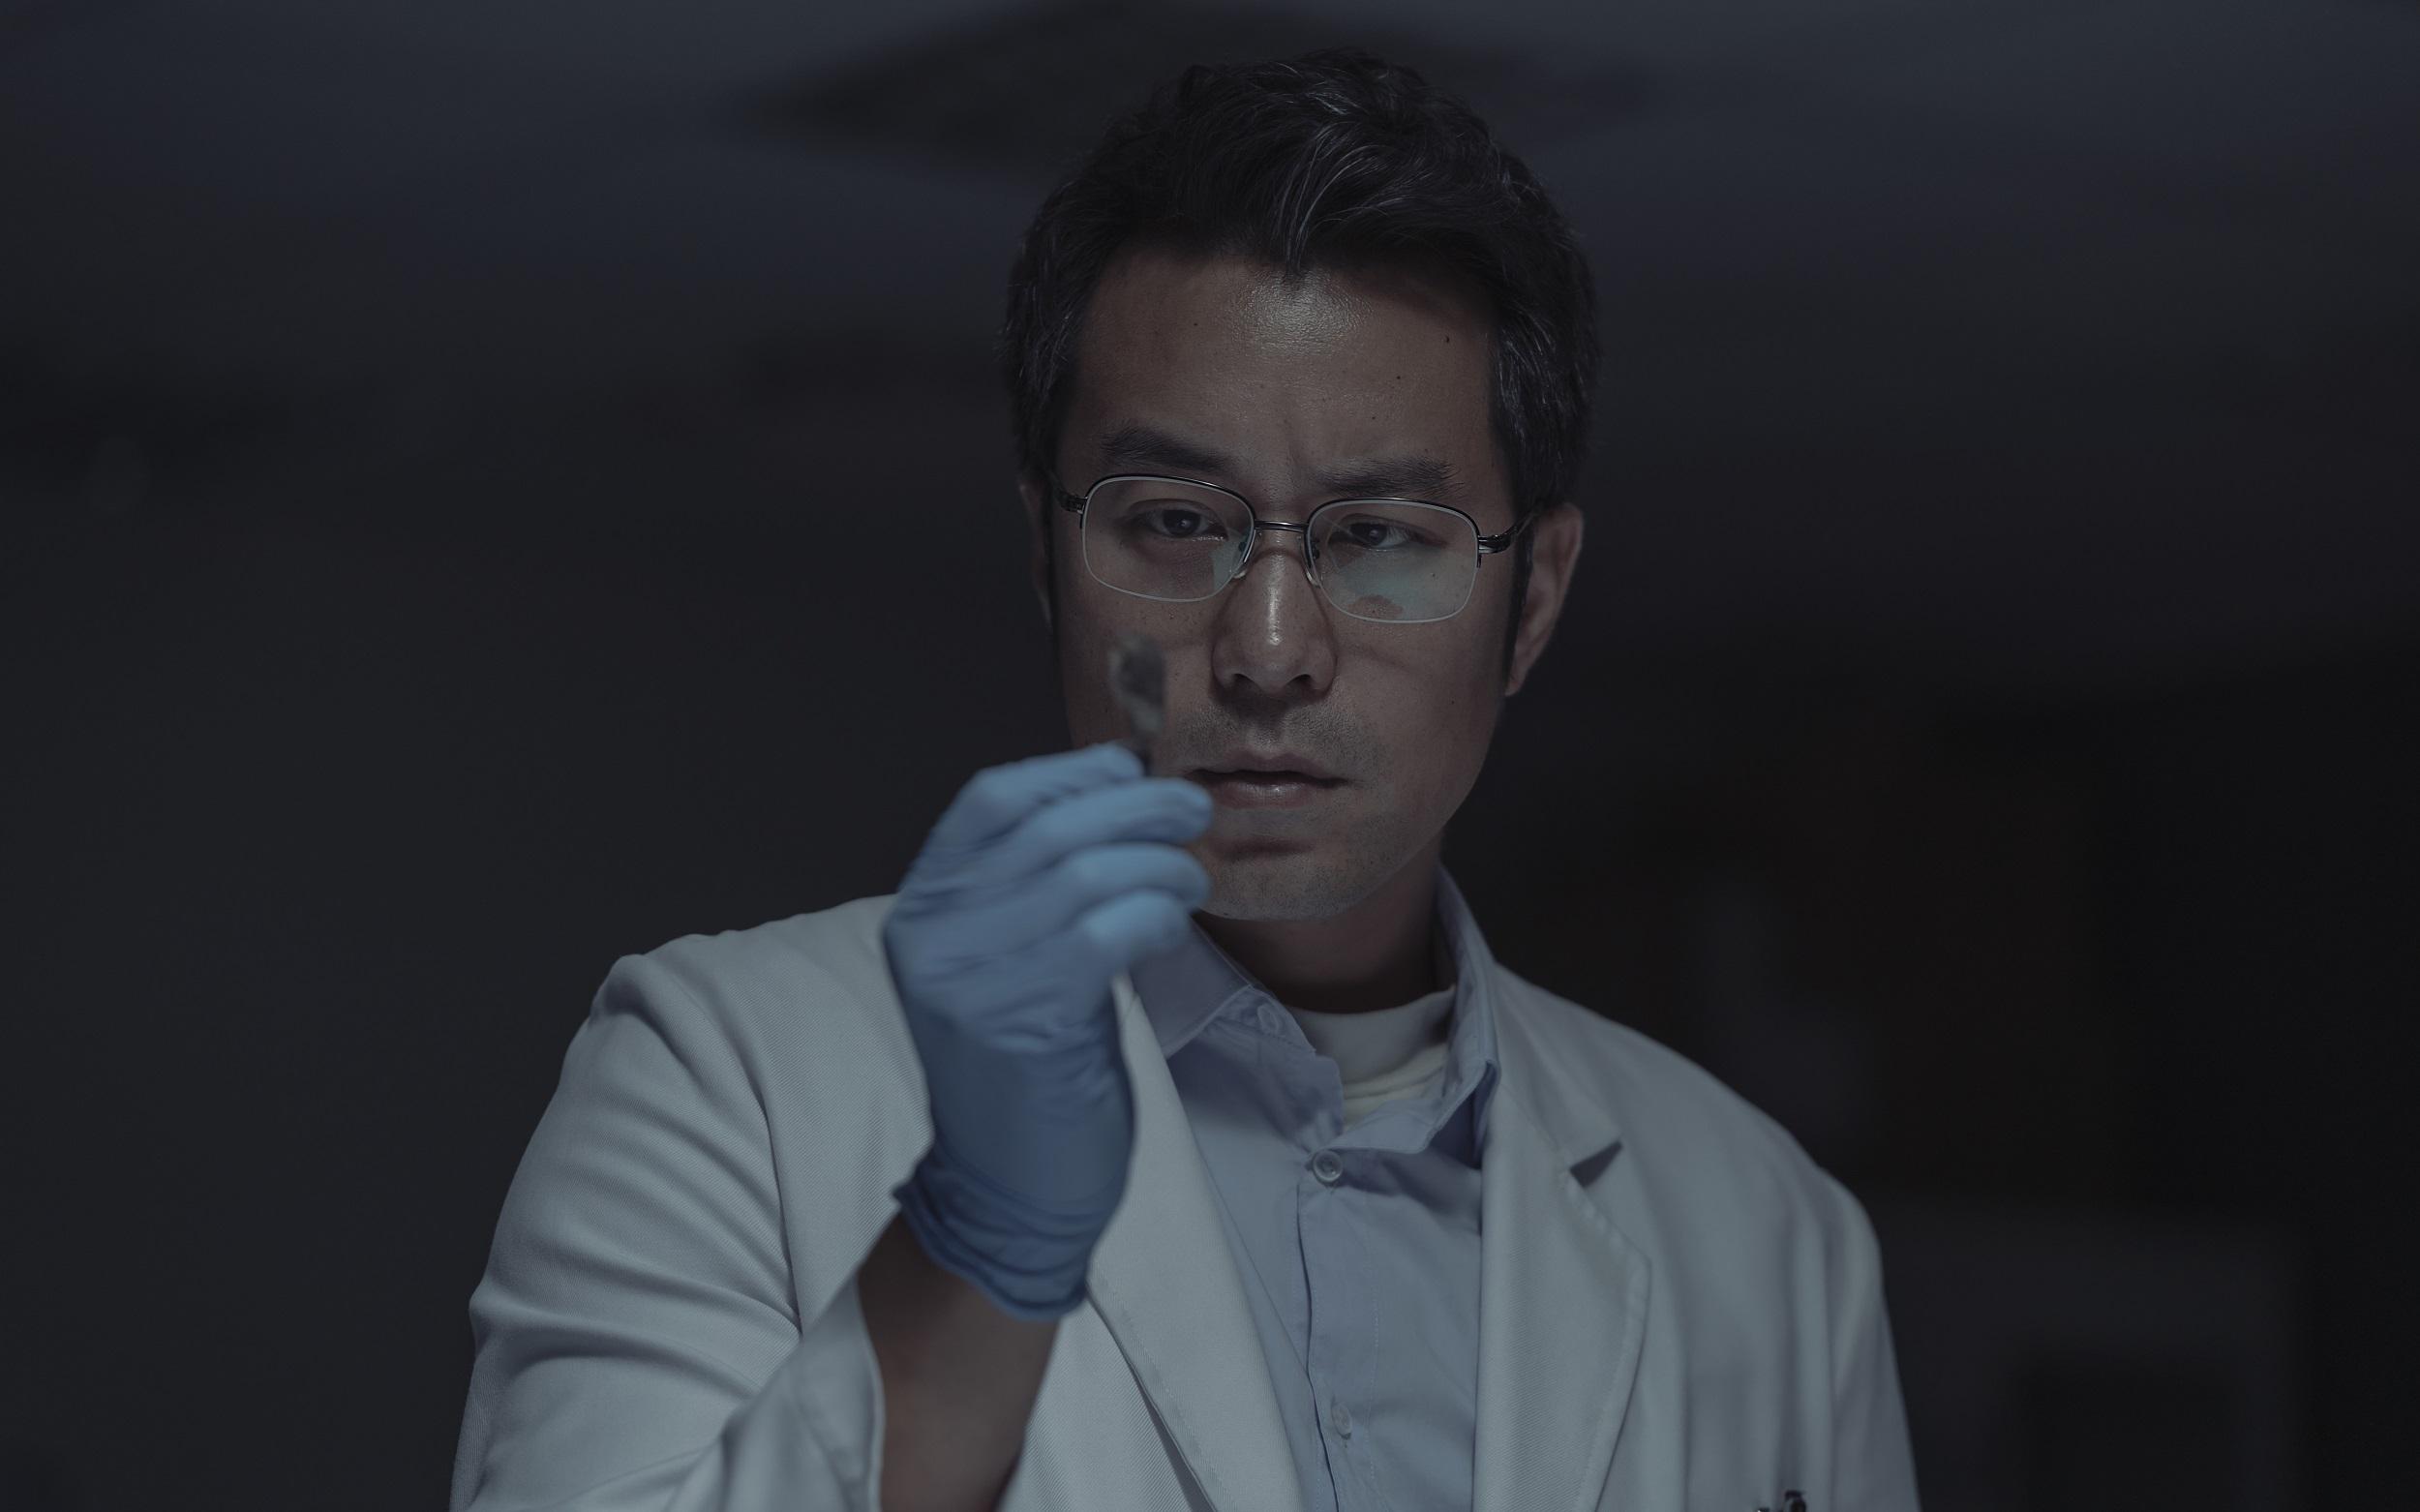 張孝全在Netflix獨家華語影集《誰是被害者》挑戰演出患有亞斯伯格症的鑑識官